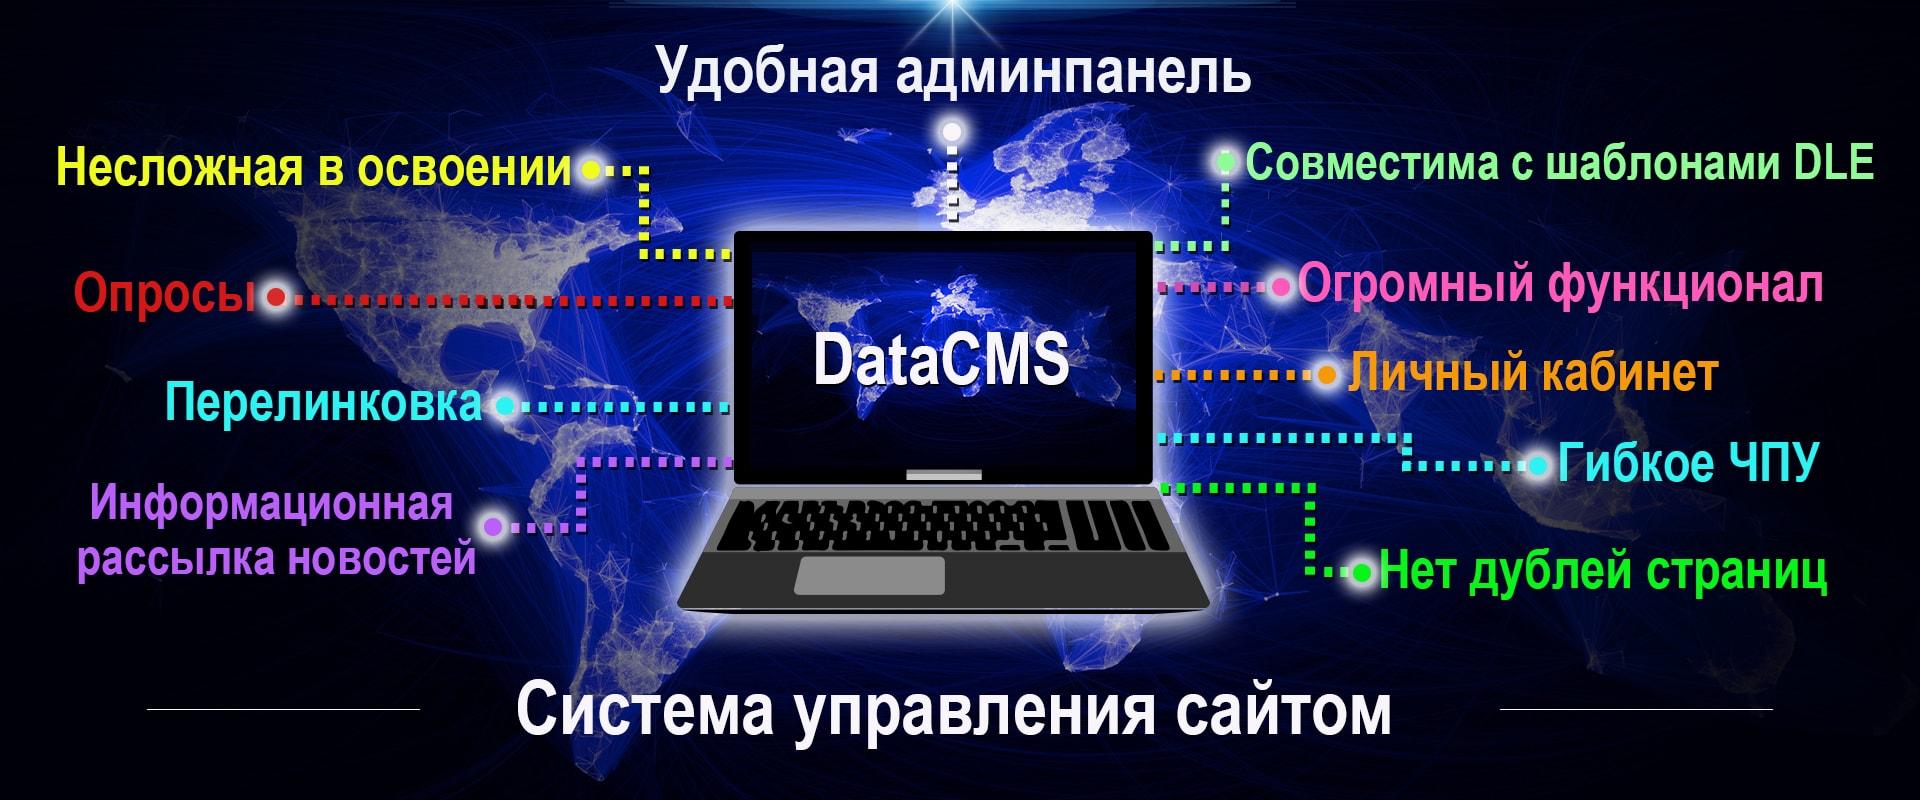 Упрощенная структура DataCMS - системы управления сайтом